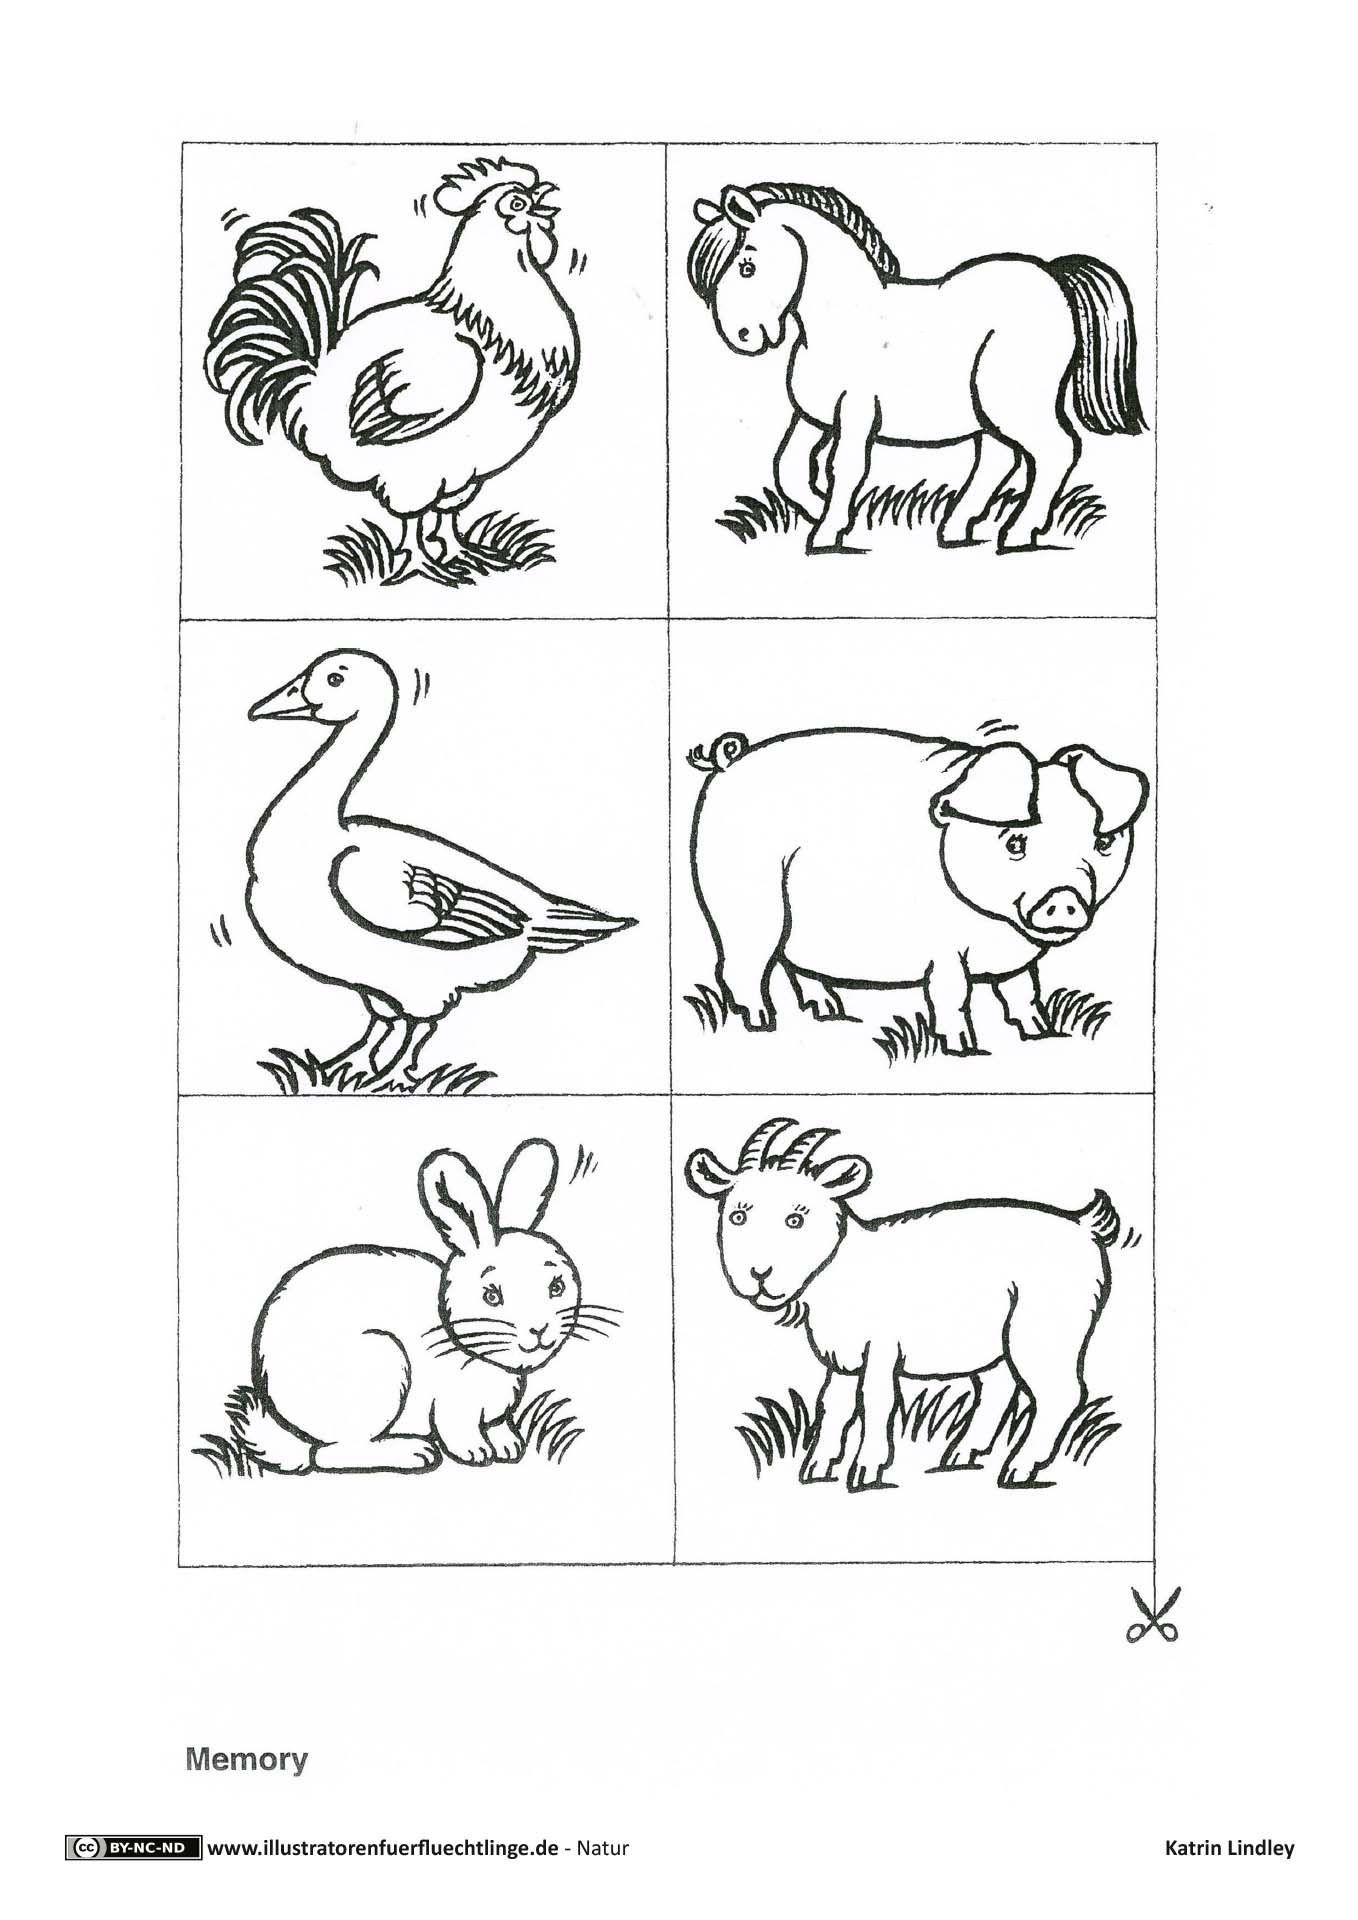 Einzigartig Memory Drucken Farbung Malvorlagen Malvorlagenfurkinder Farm Animal Coloring Pages Farm Animals Farm Animals Preschool